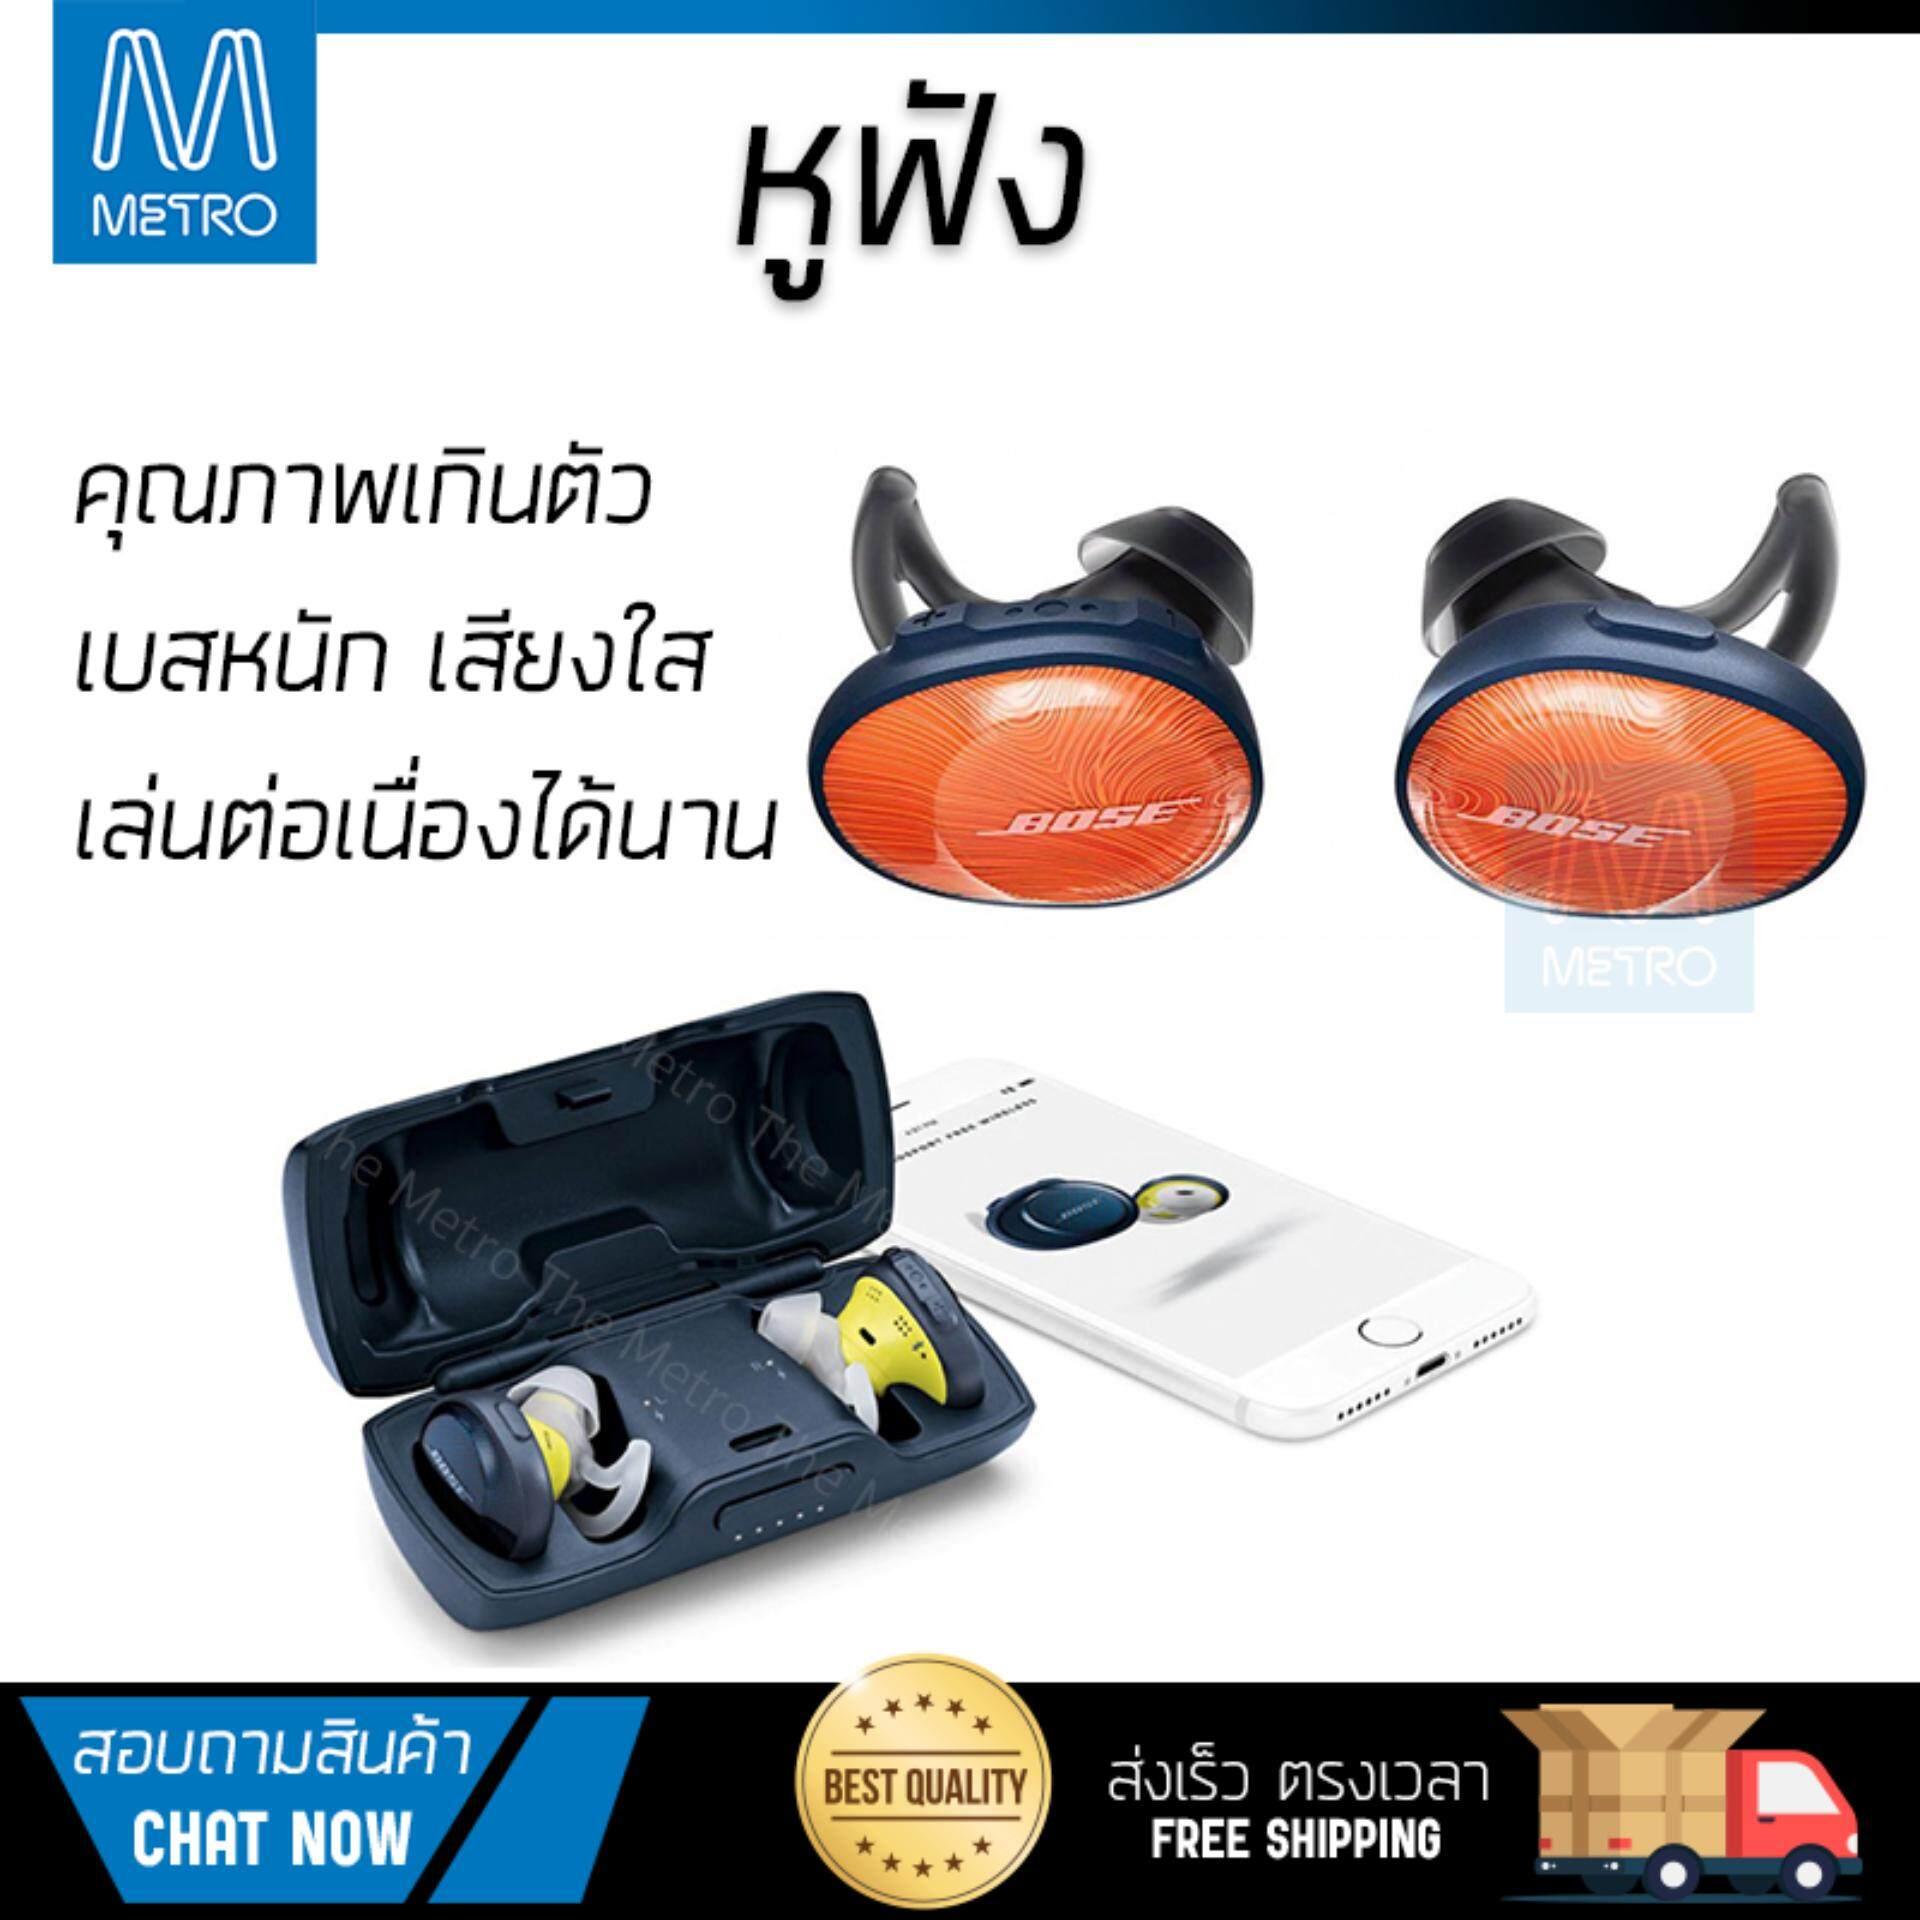 ตาก ของแท้ หูฟัง Bose SoundSport Free Wireless Headphones Orange เบสหนัก เสียงใส คุณภาพเกินตัว Headphone รับประกัน 1 ปี จัดส่งฟรีทั่วประเทศ